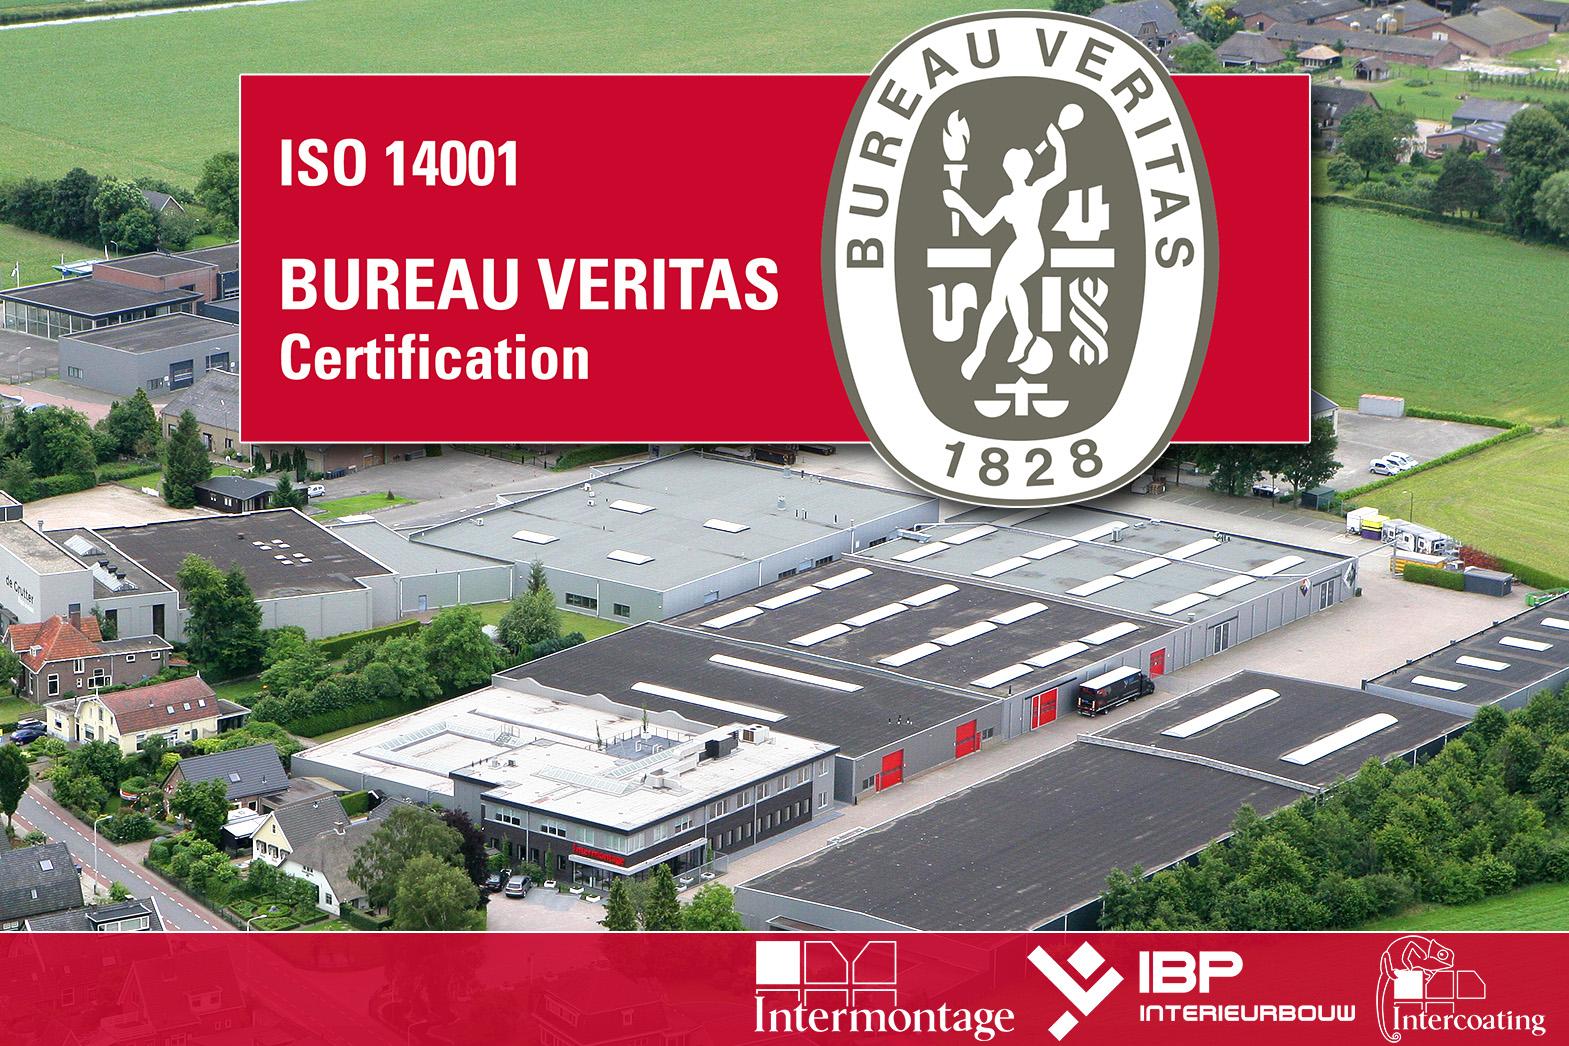 Her-certificering ISO 14001